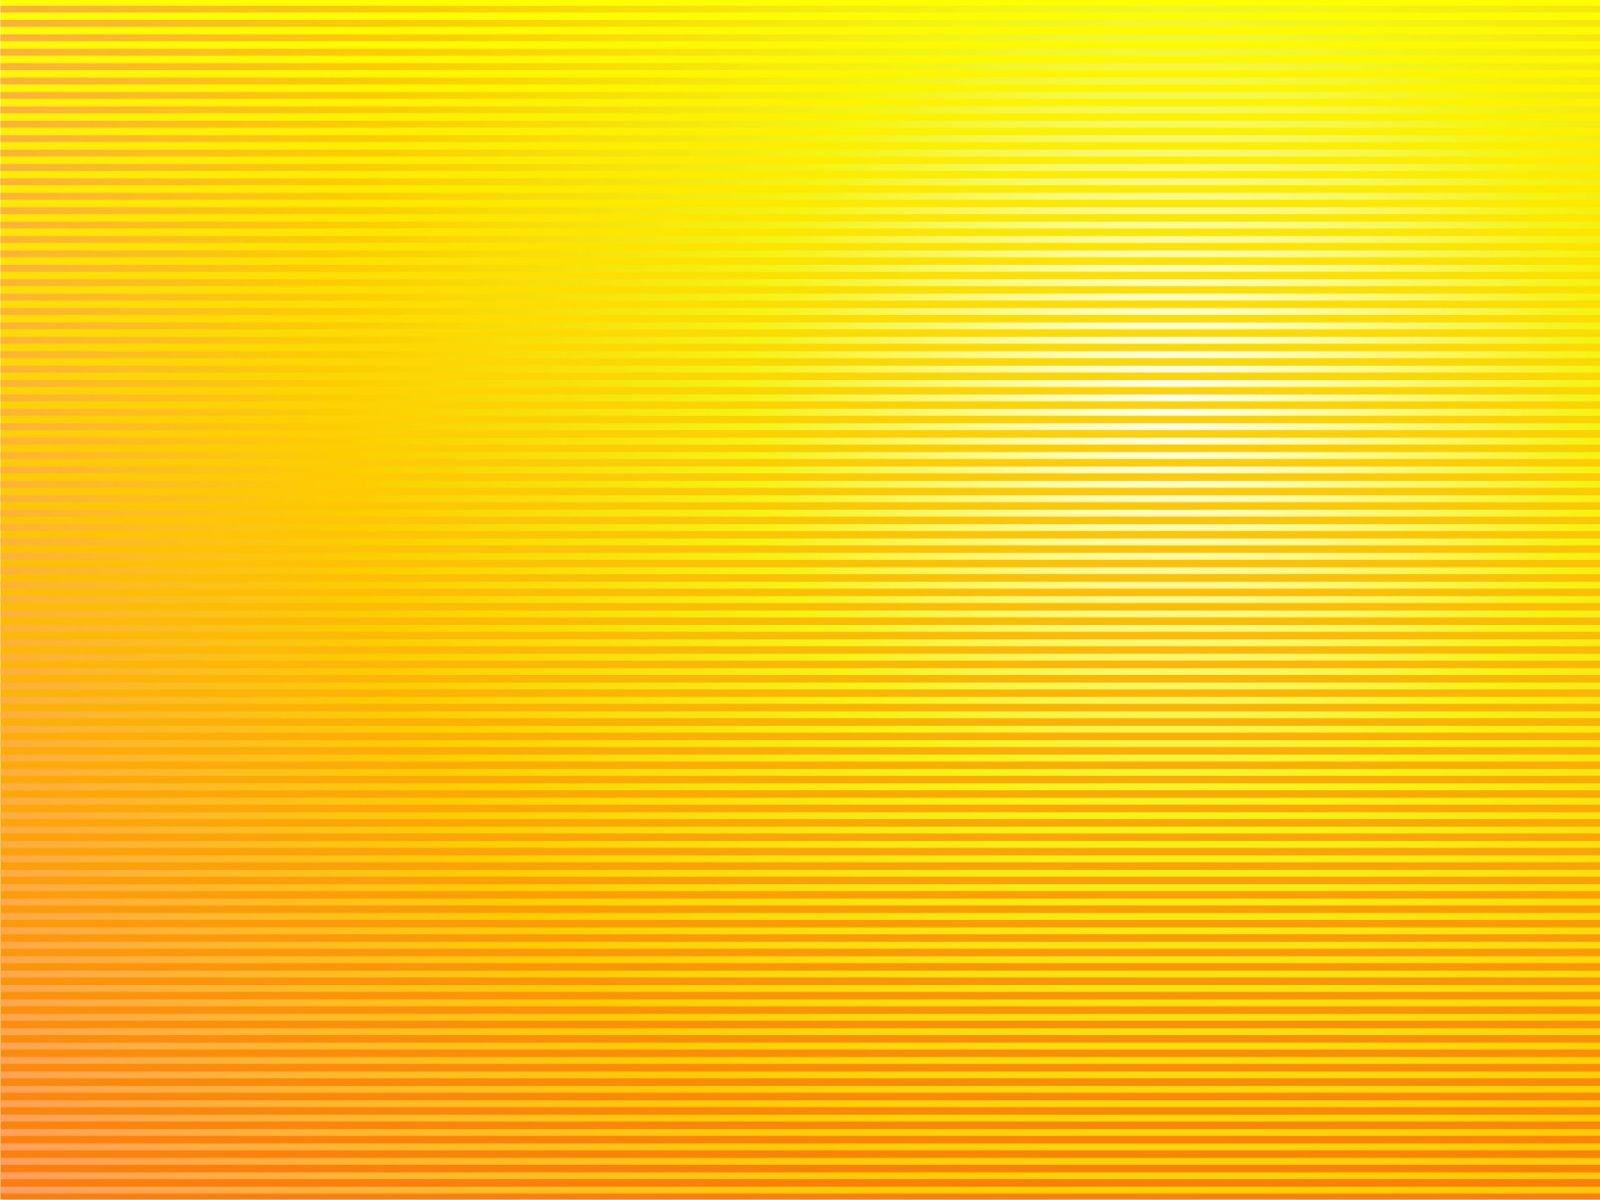 The best top desktop yellow wallpapers yellow wallpaper yellow 1600x1200